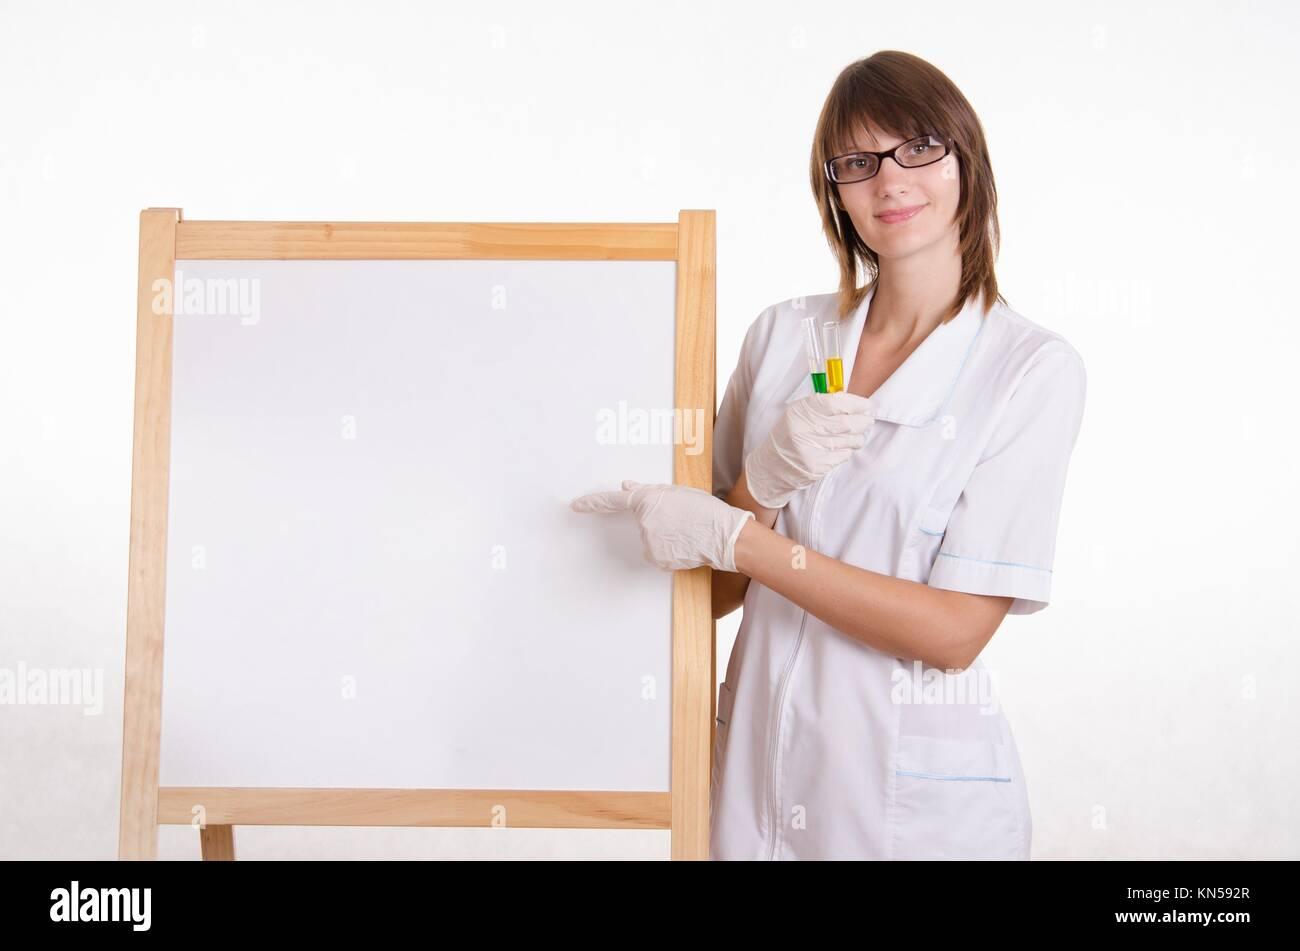 Chemiker mit Reagenzgläsern steht an der Tafel mit Werbung. Stockbild